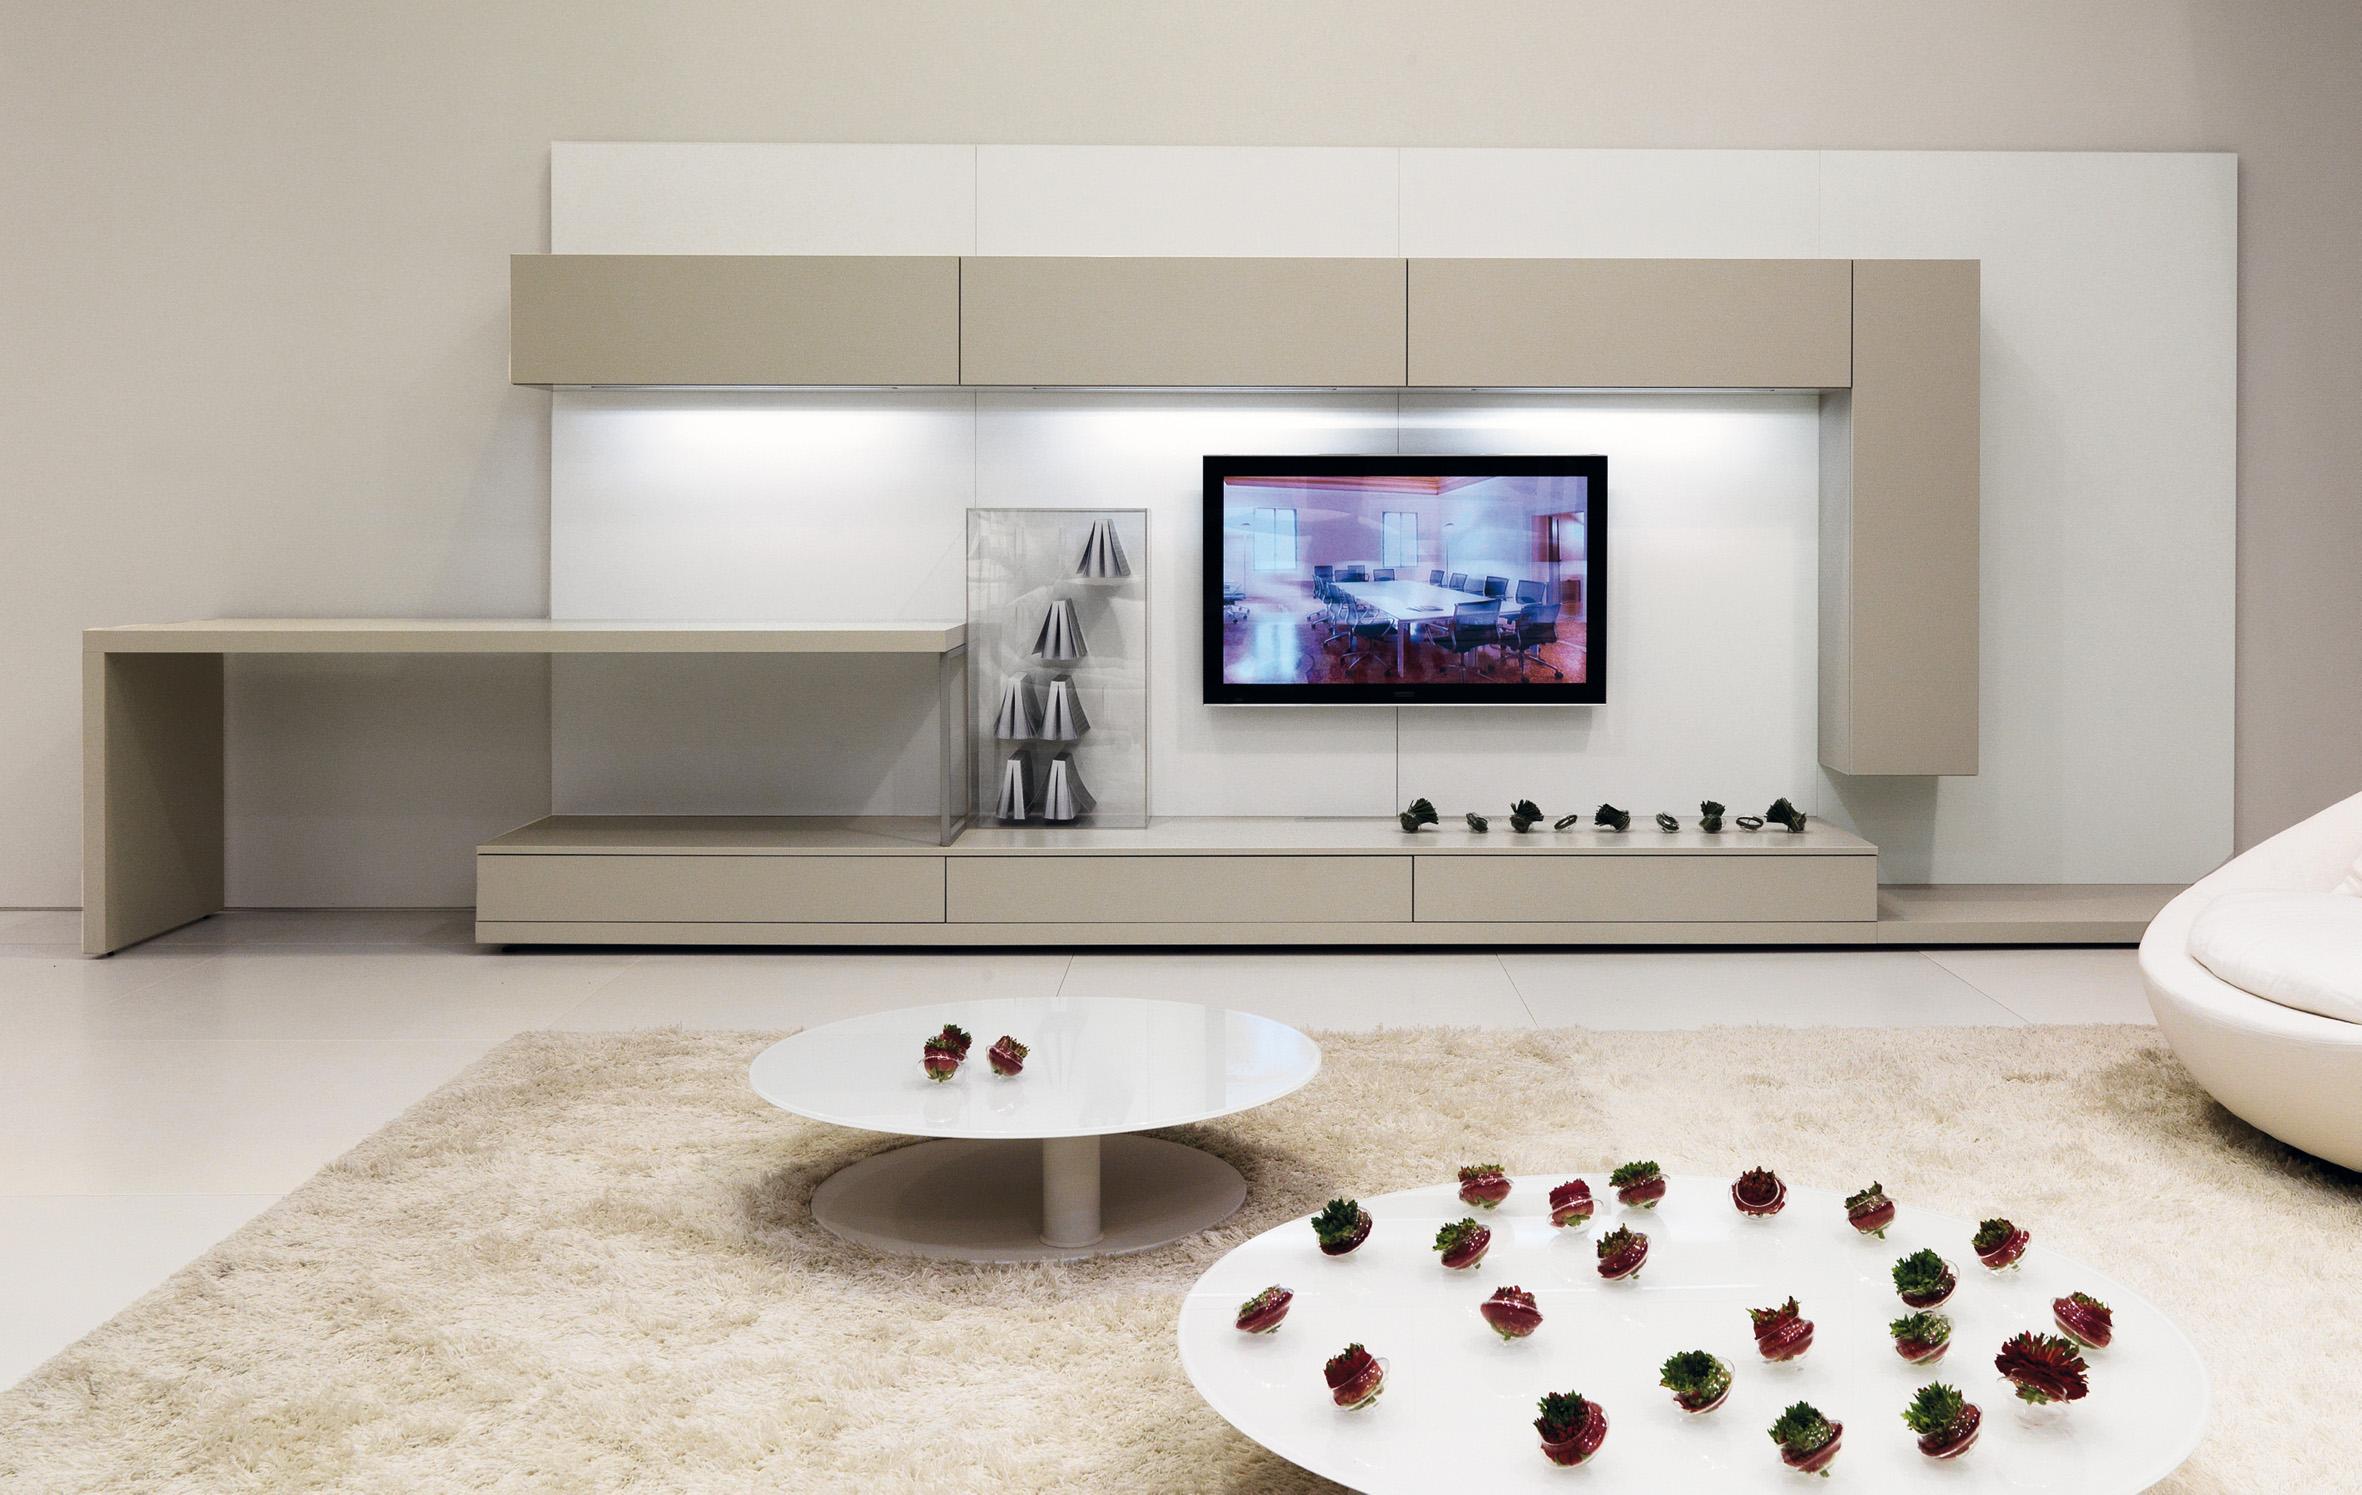 Сногшибательное оформление интерьера помещения в стиле минимализм